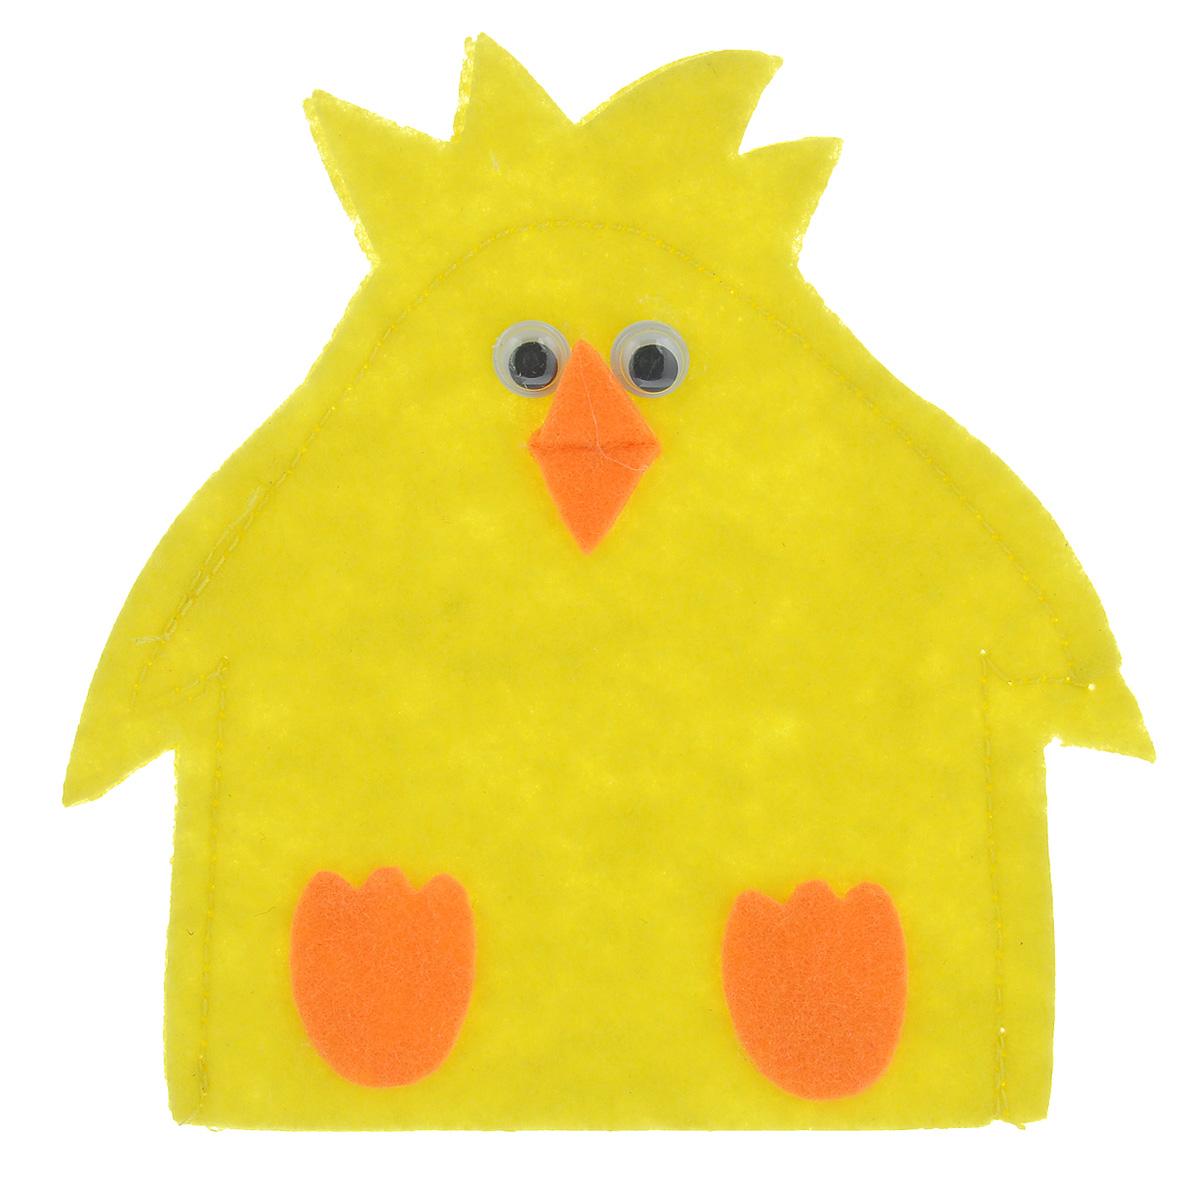 Грелка для яйца Home Queen Цыпленок, цвет: желтый, 11,5 х 11,5 см декоративное украшение home queen приветливый цыпленок цвет желтый 8 х 11 см